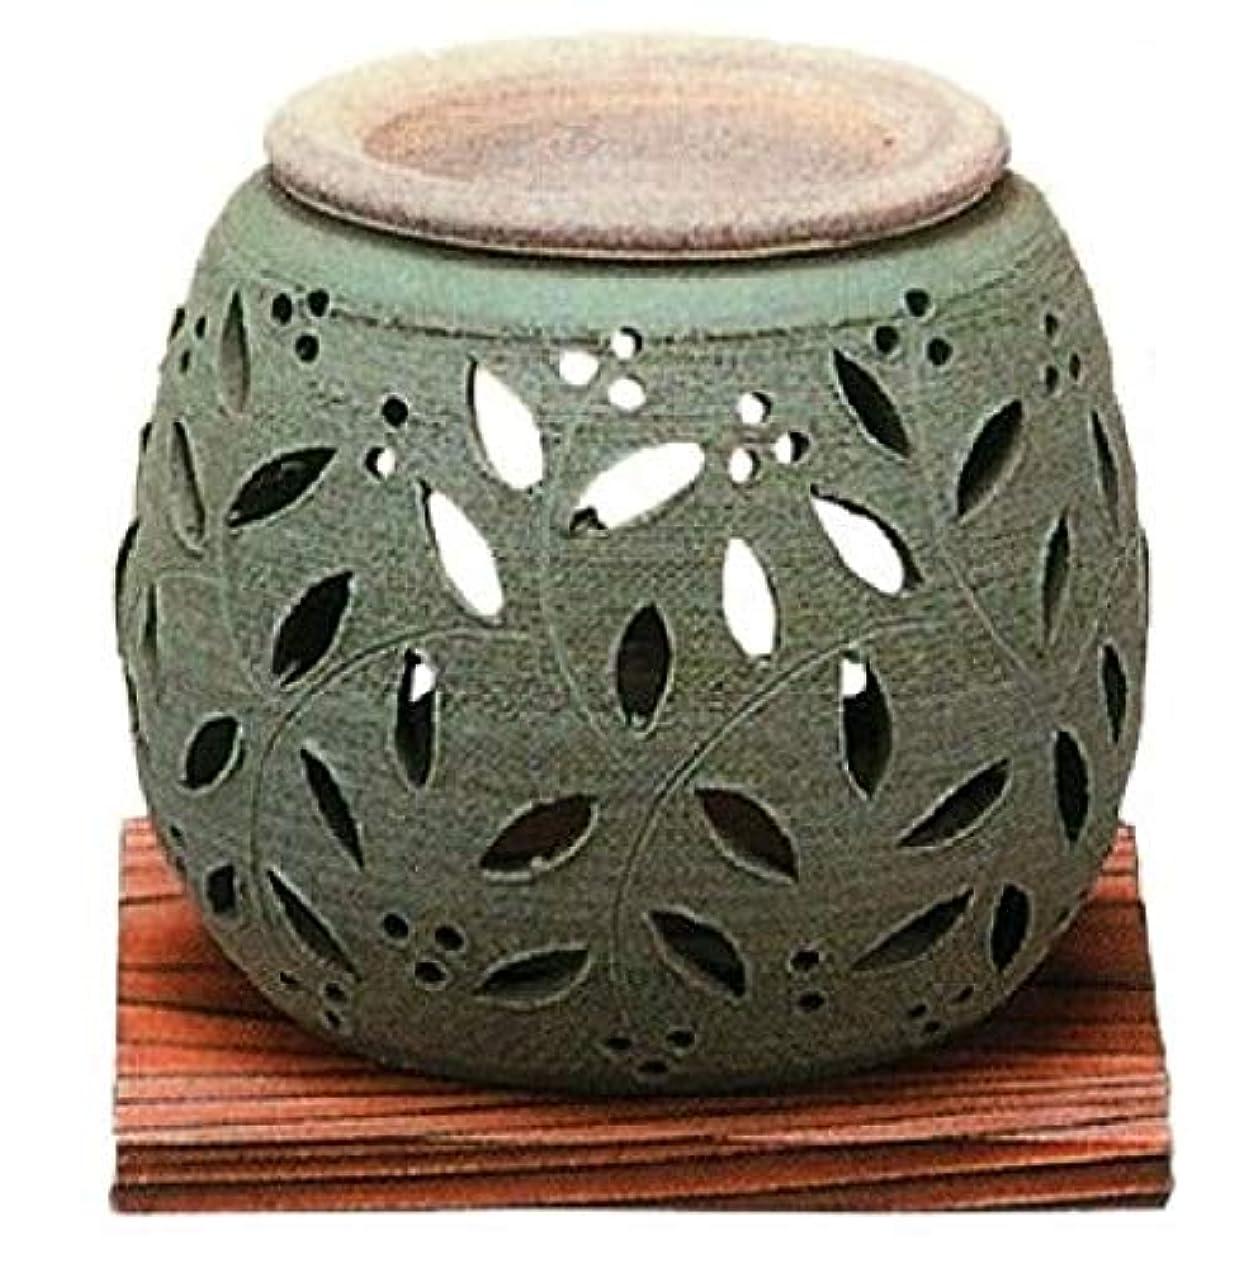 ヒップすずめ認識常滑焼?石龍窯 カ38-06 茶香炉 ダテ花 焼杉板付 径10×10cm